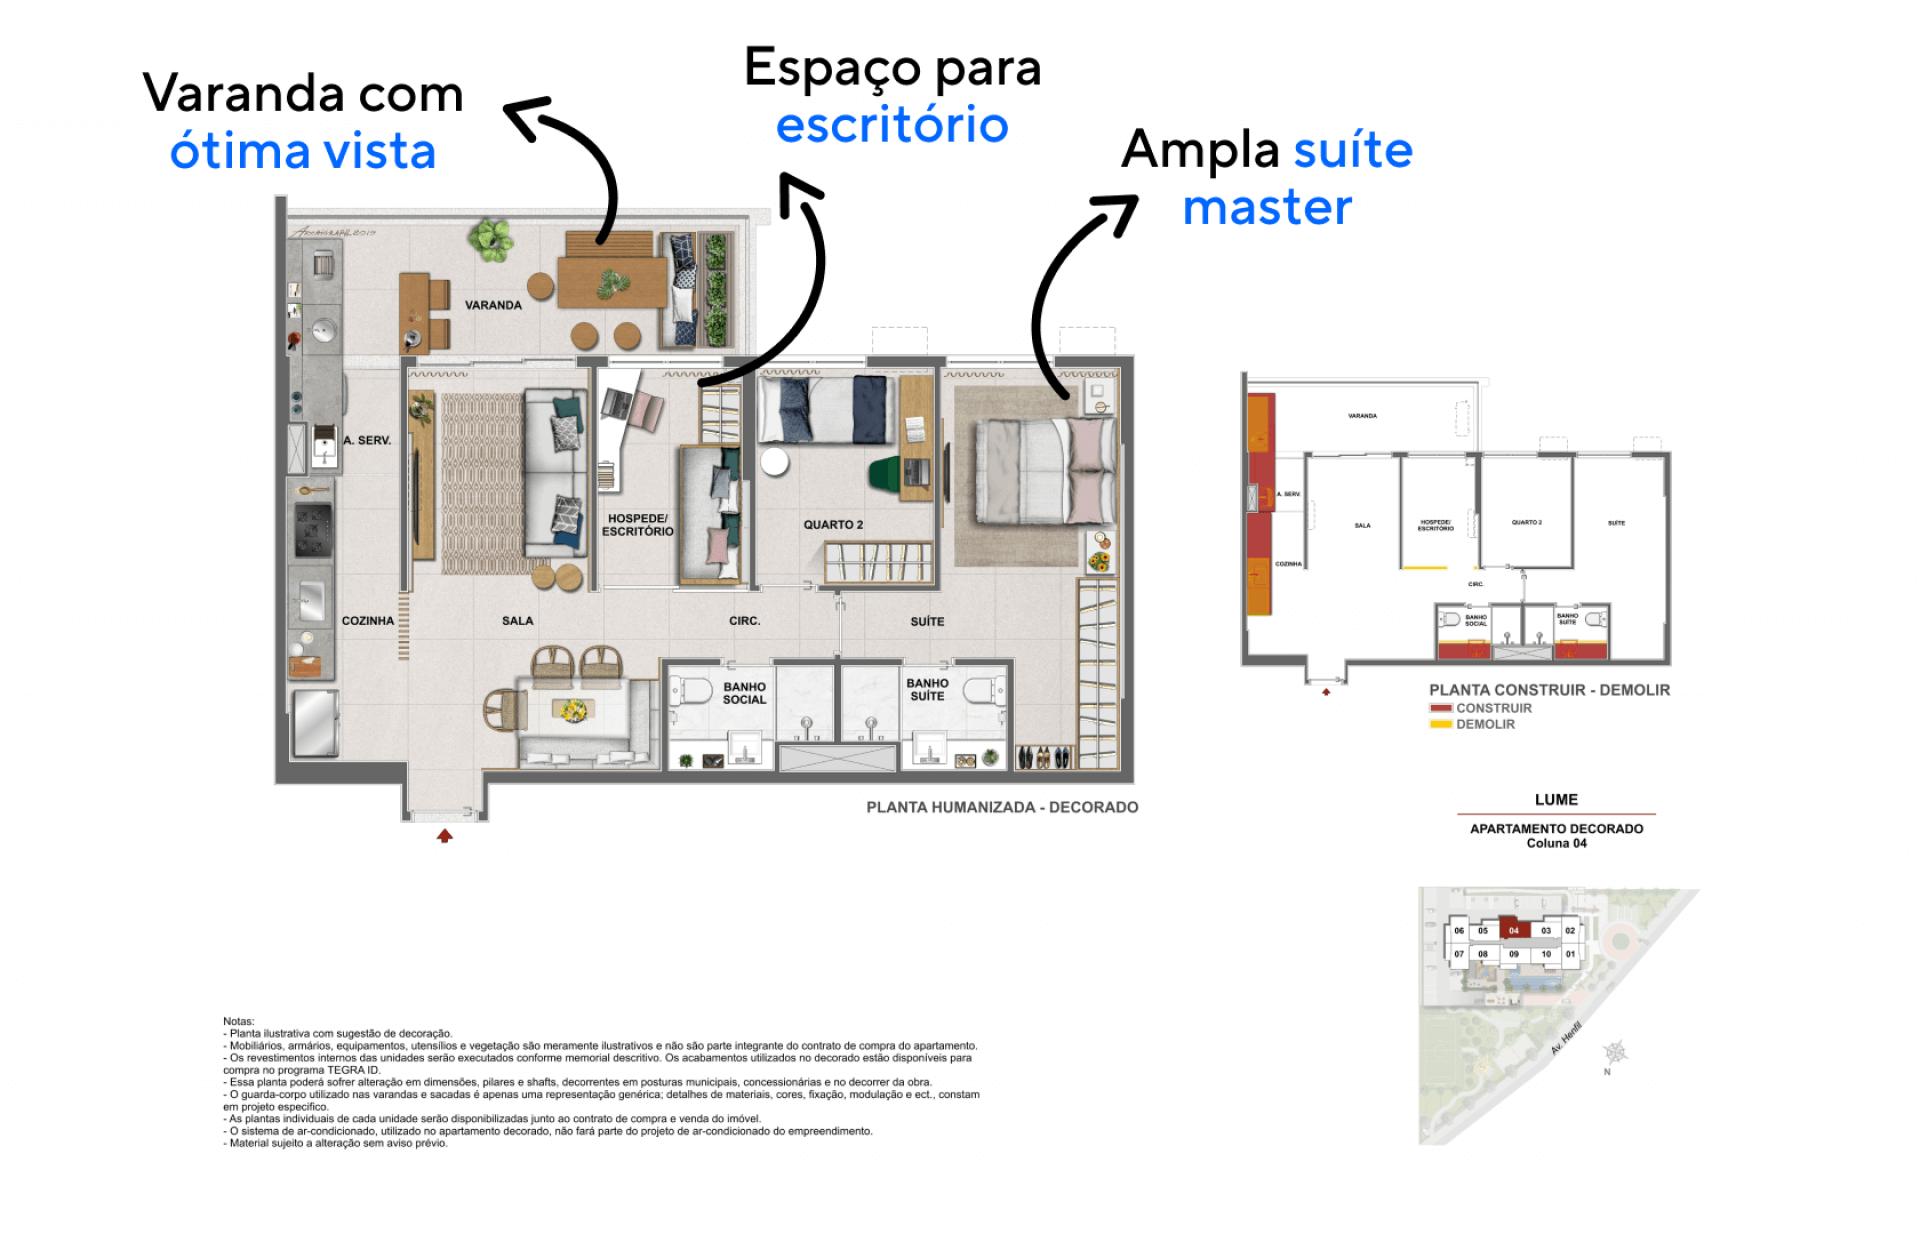 3 QUARTOS, SENDO 1 SUÍTE. Apartamento com possibilidade de escritório, um espaço multifuncional que também pode funcionar como quarto de hóspedes.